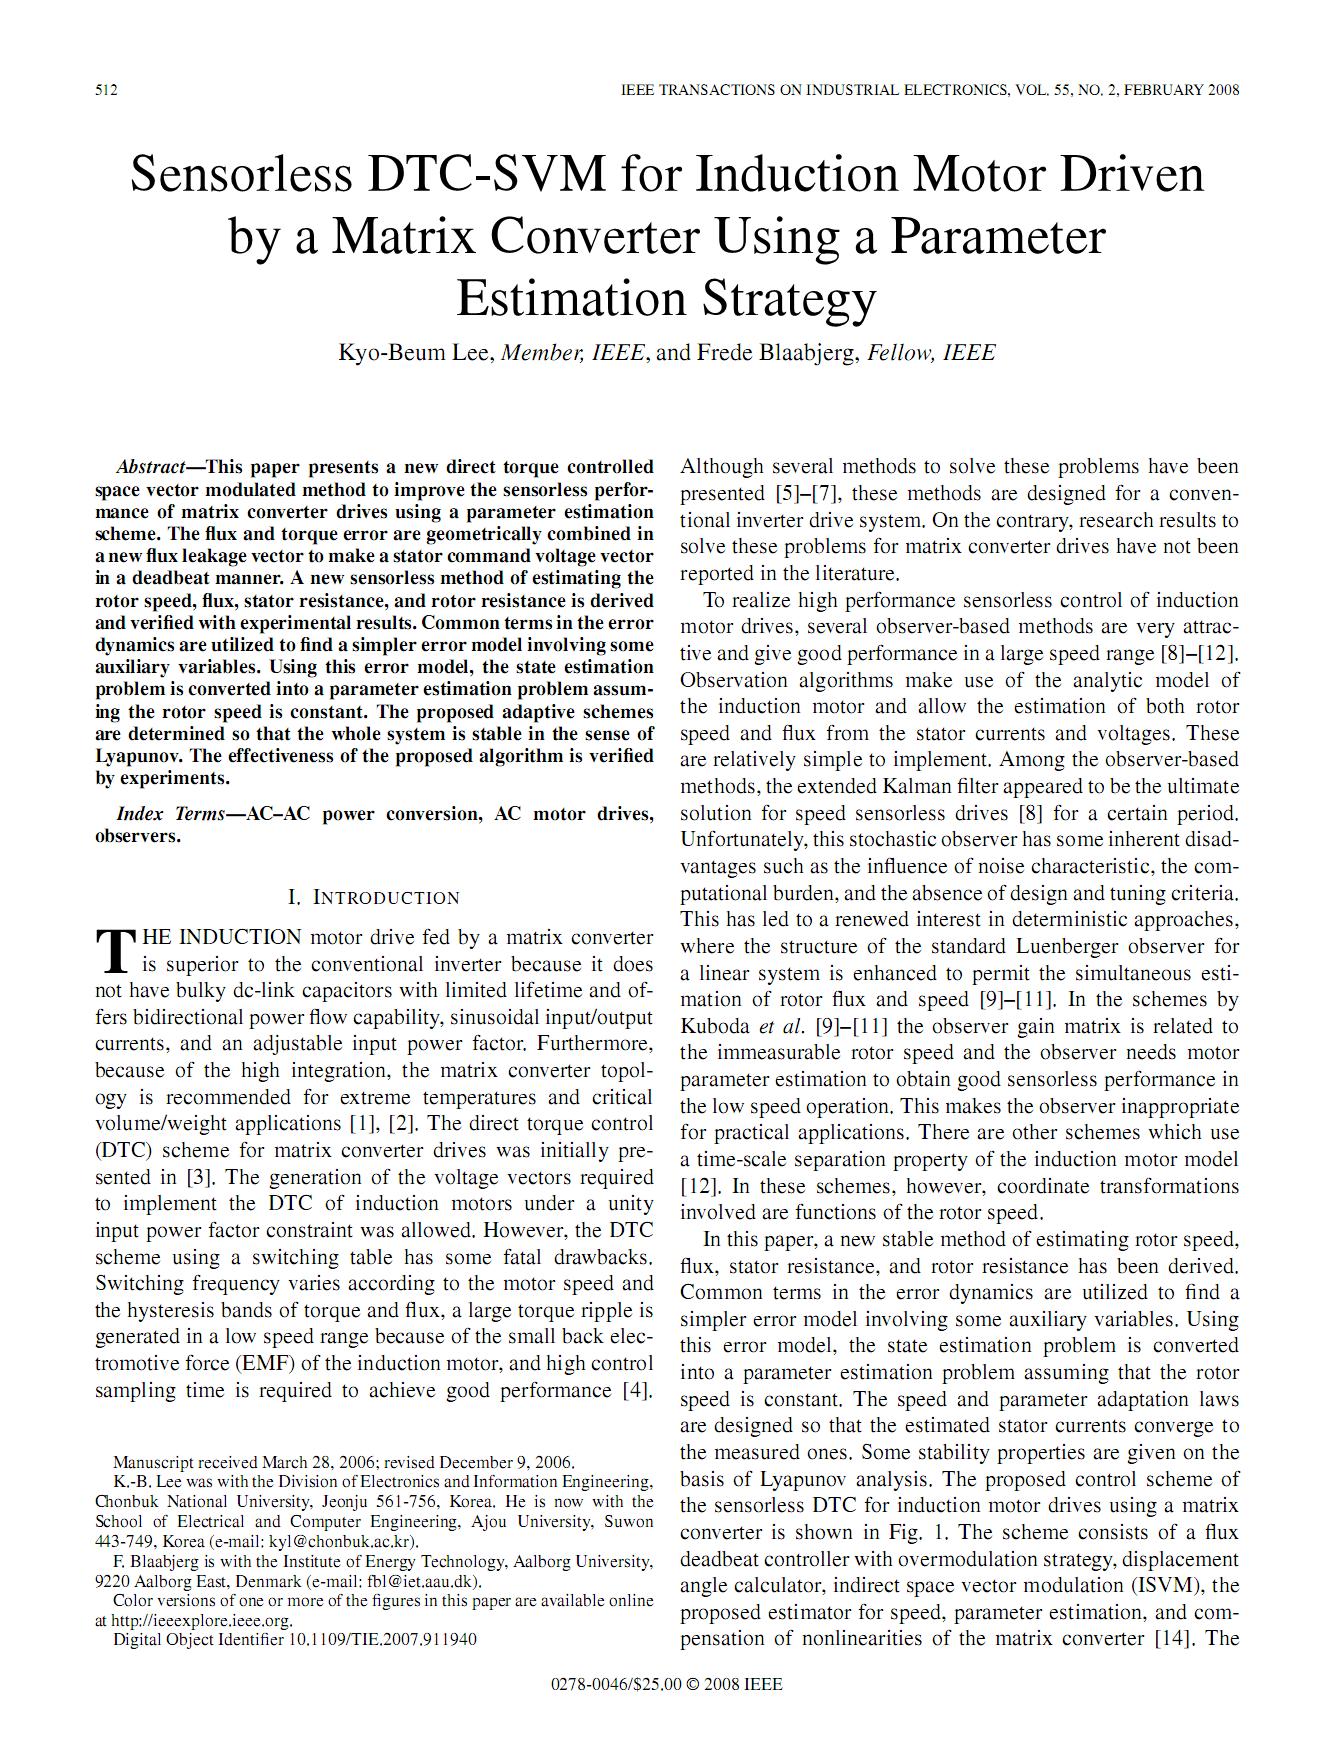 DTC – SVM بدون سنسور براي موتور القايي با يك مبدل ماتريسي با استفاده از استراتژي تخمين پارامتر